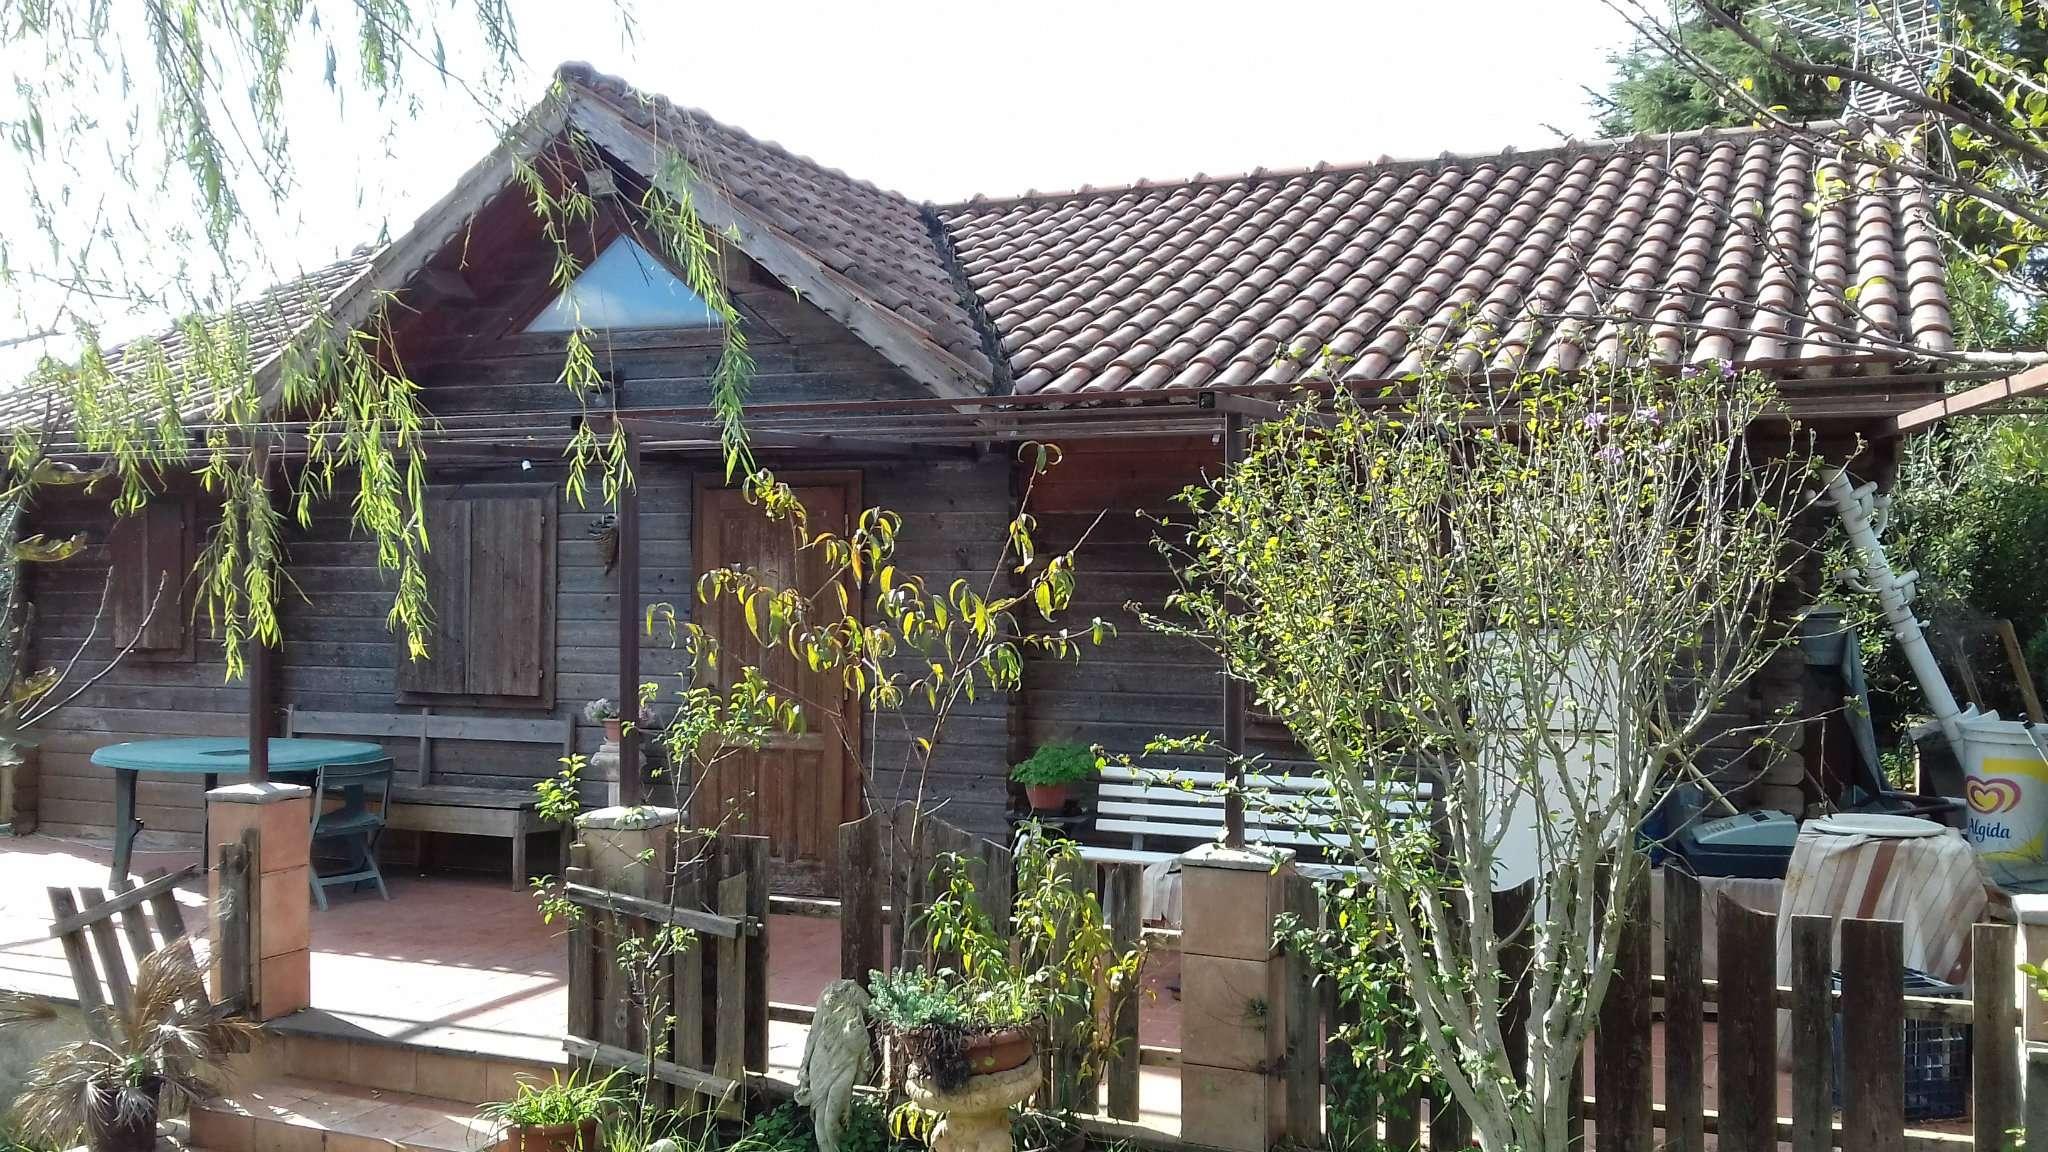 Terreno Edificabile Residenziale in vendita a Ariccia, 9999 locali, prezzo € 65.000 | CambioCasa.it